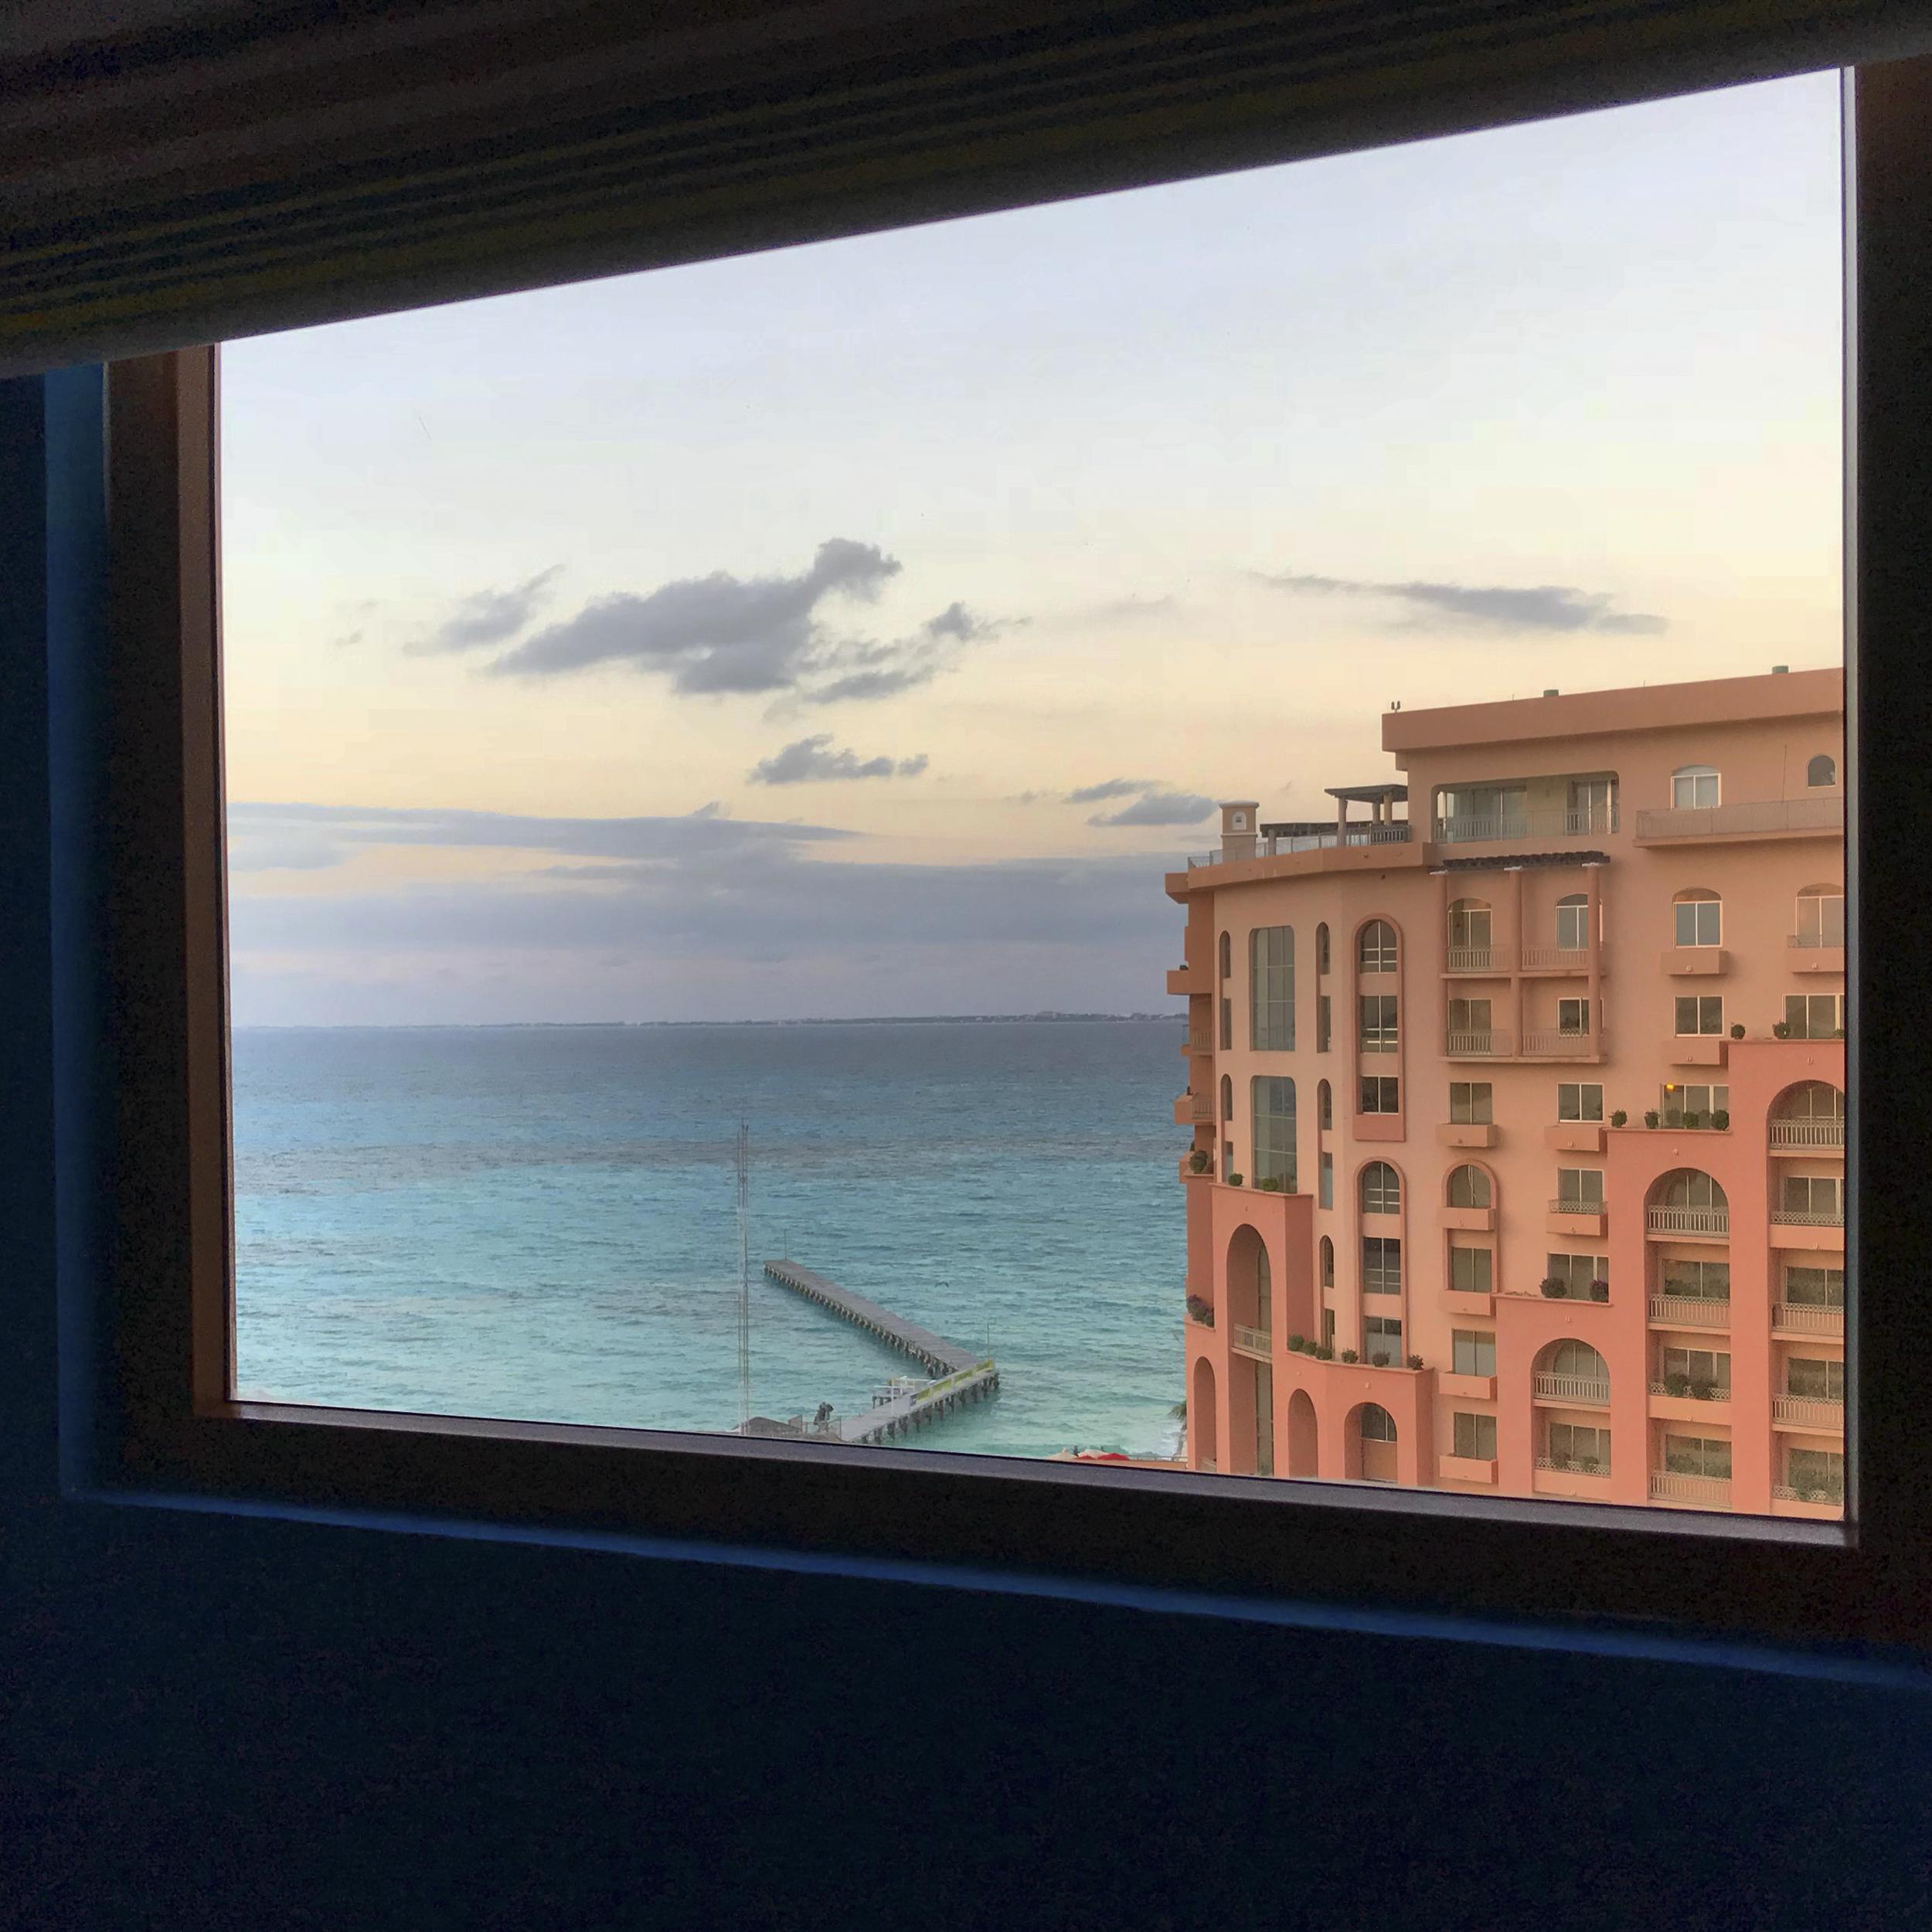 Cancun hotel view